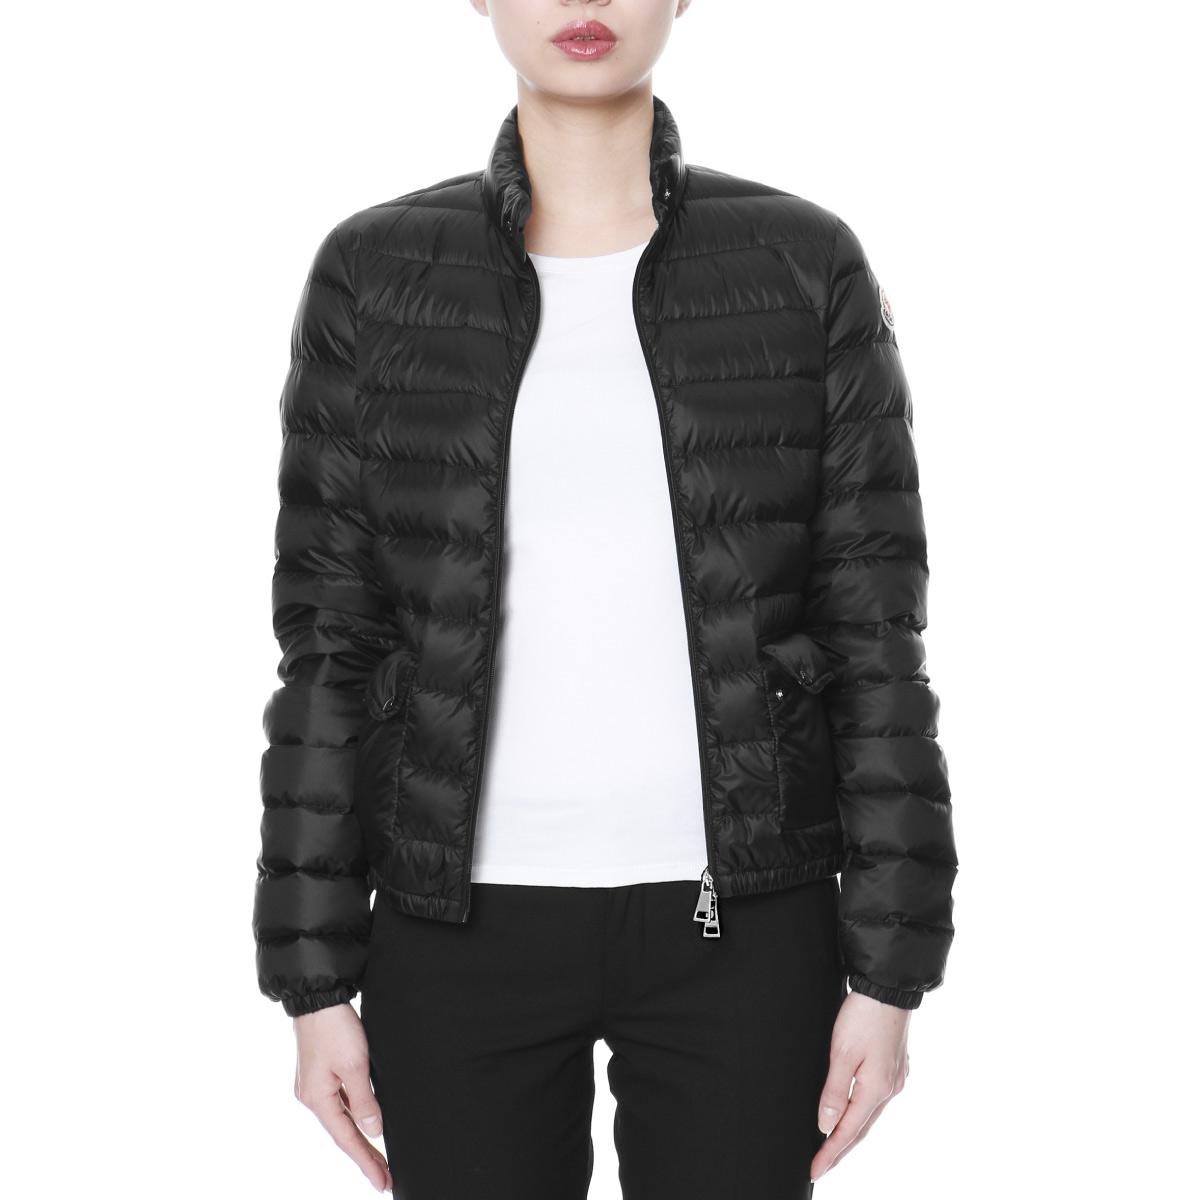 moncler jacket lans